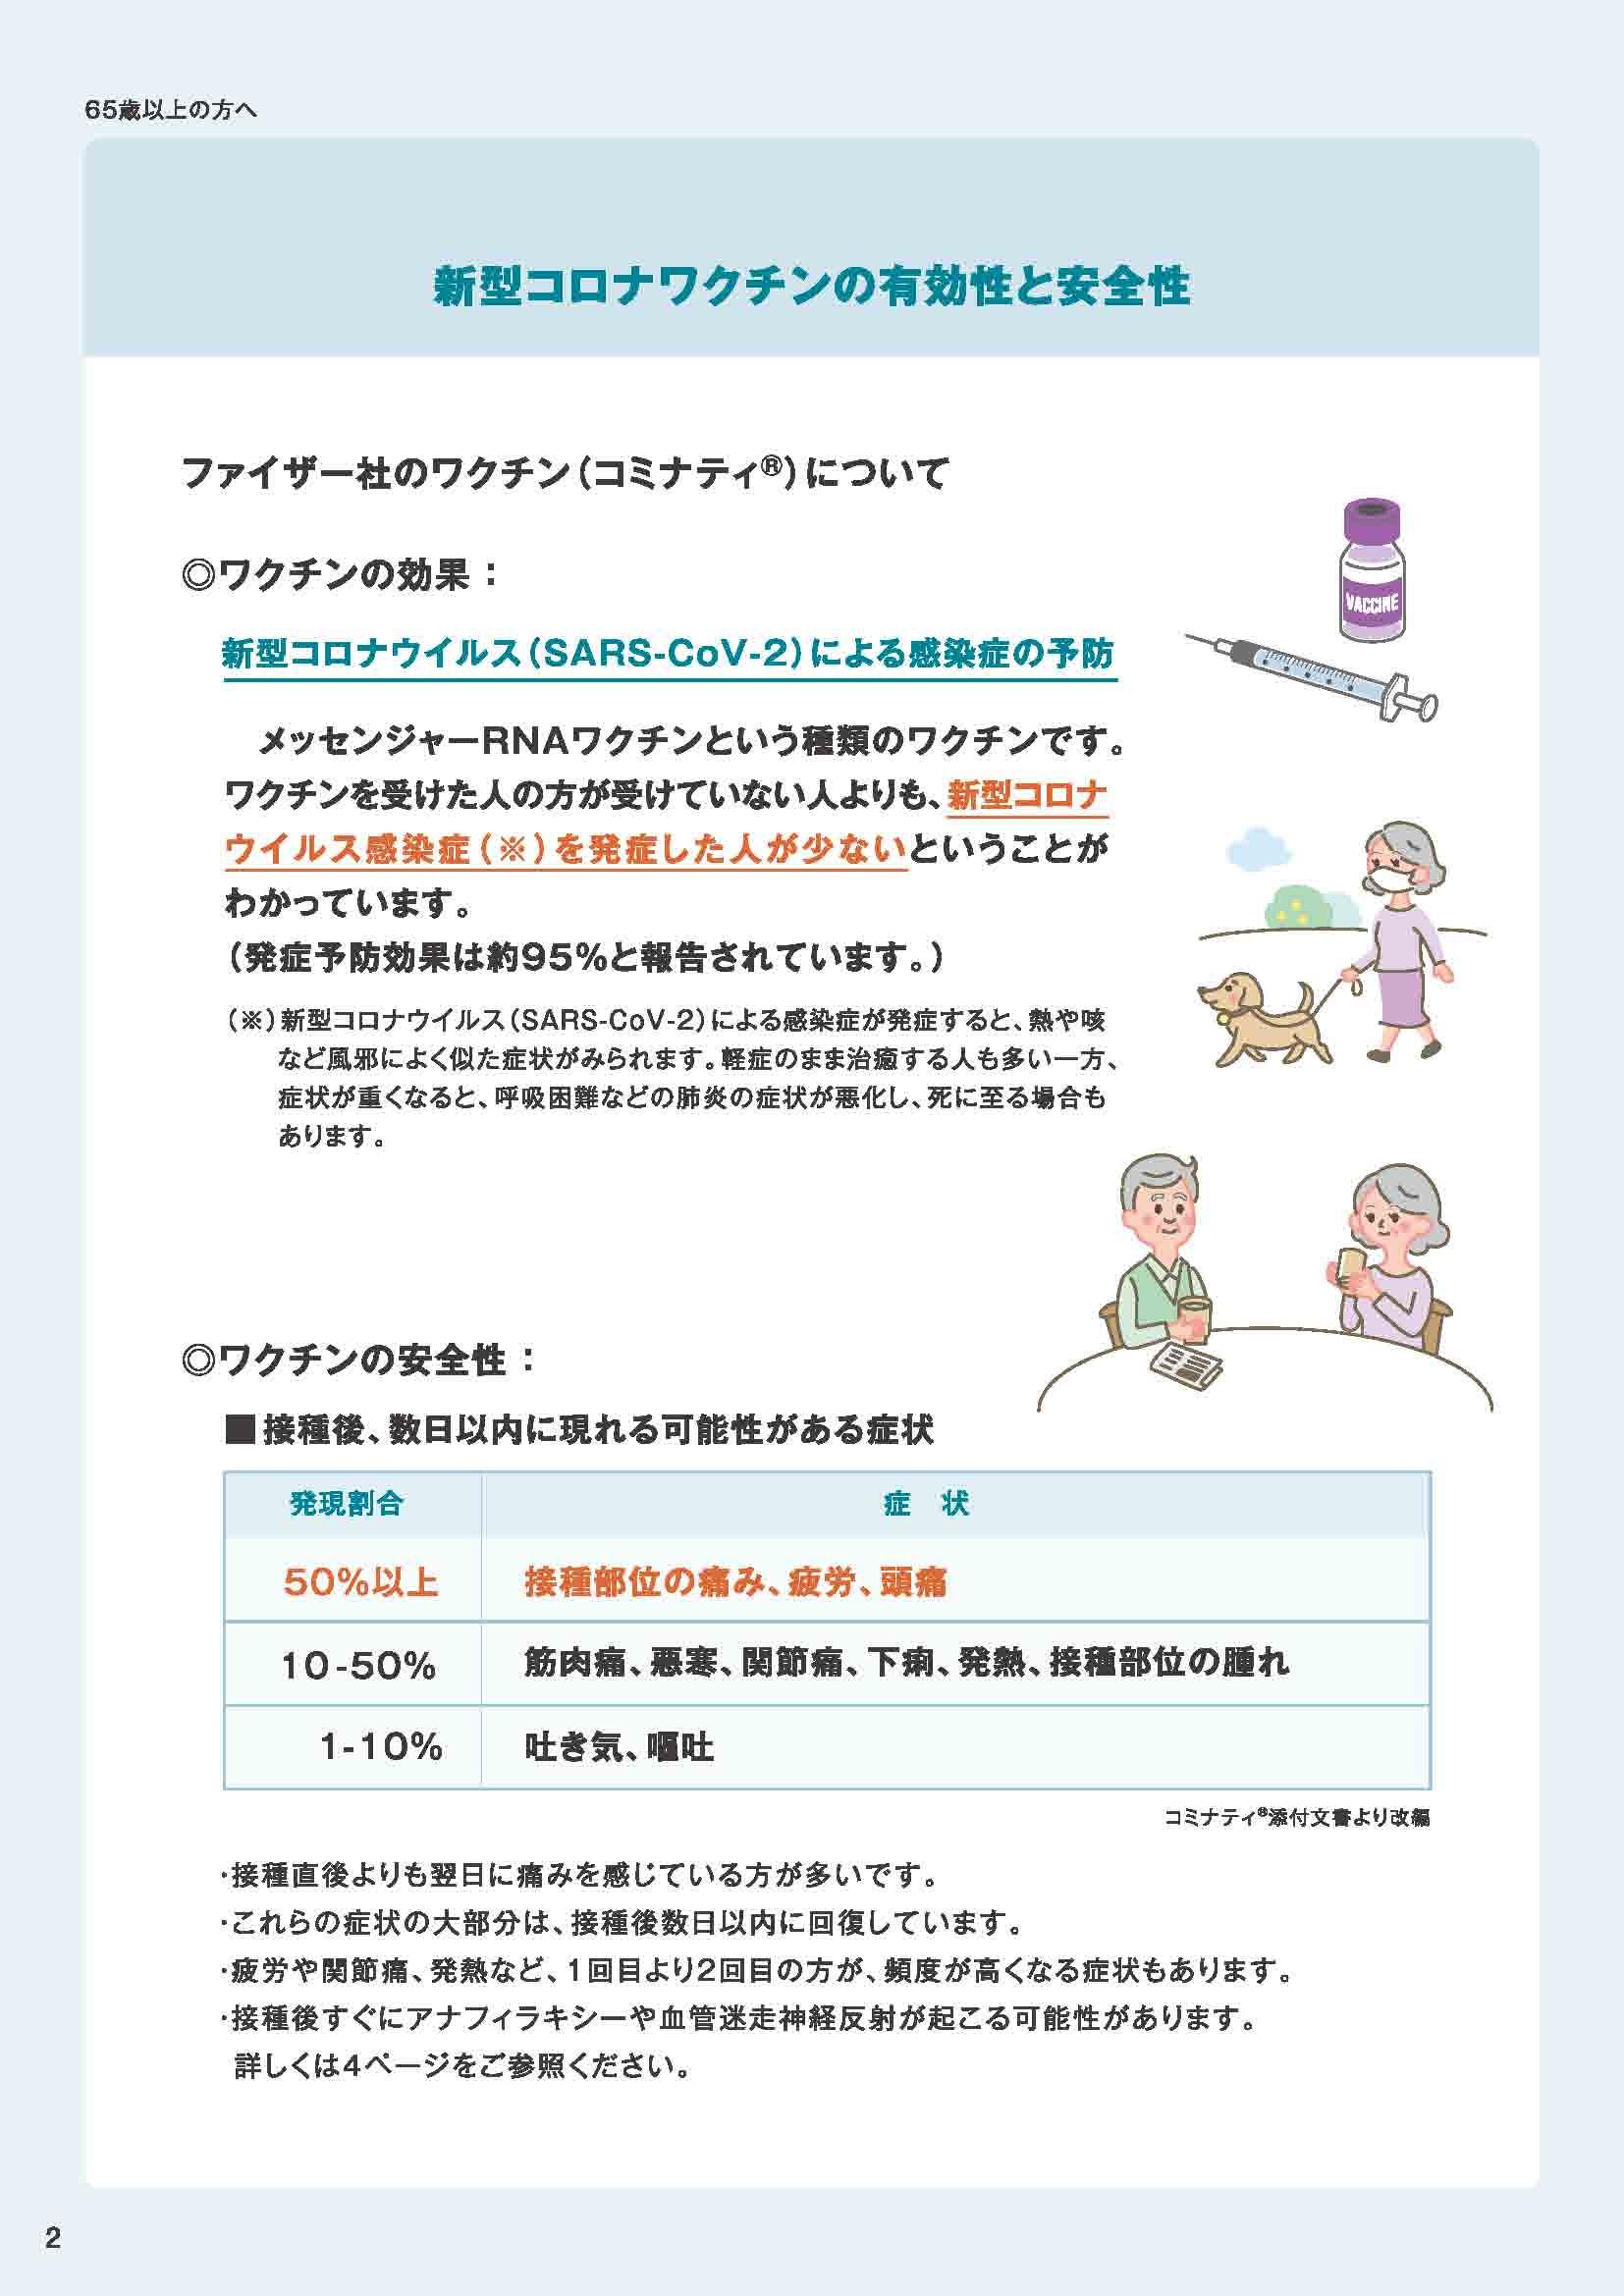 接種のお知らせ(高齢者接種)_ページ_2